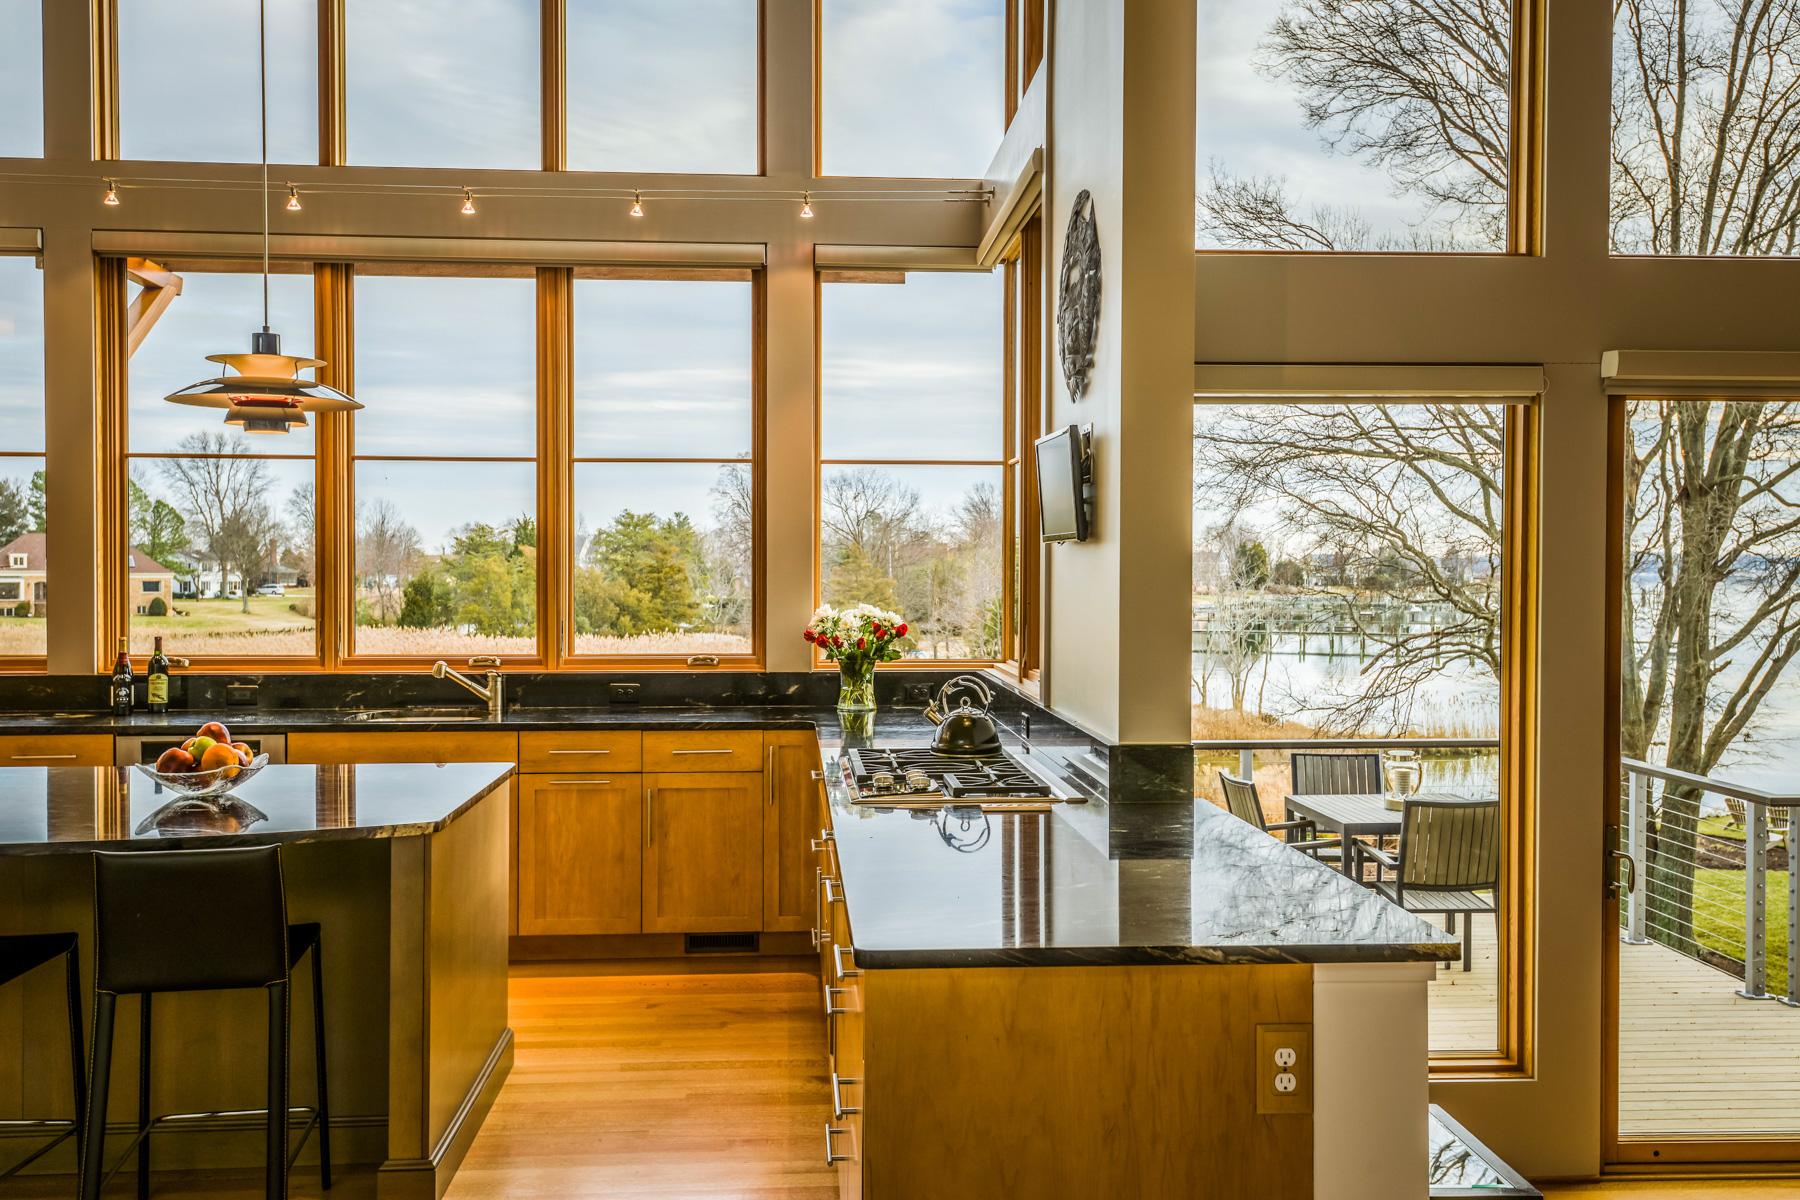 hdr kitchen.jpg